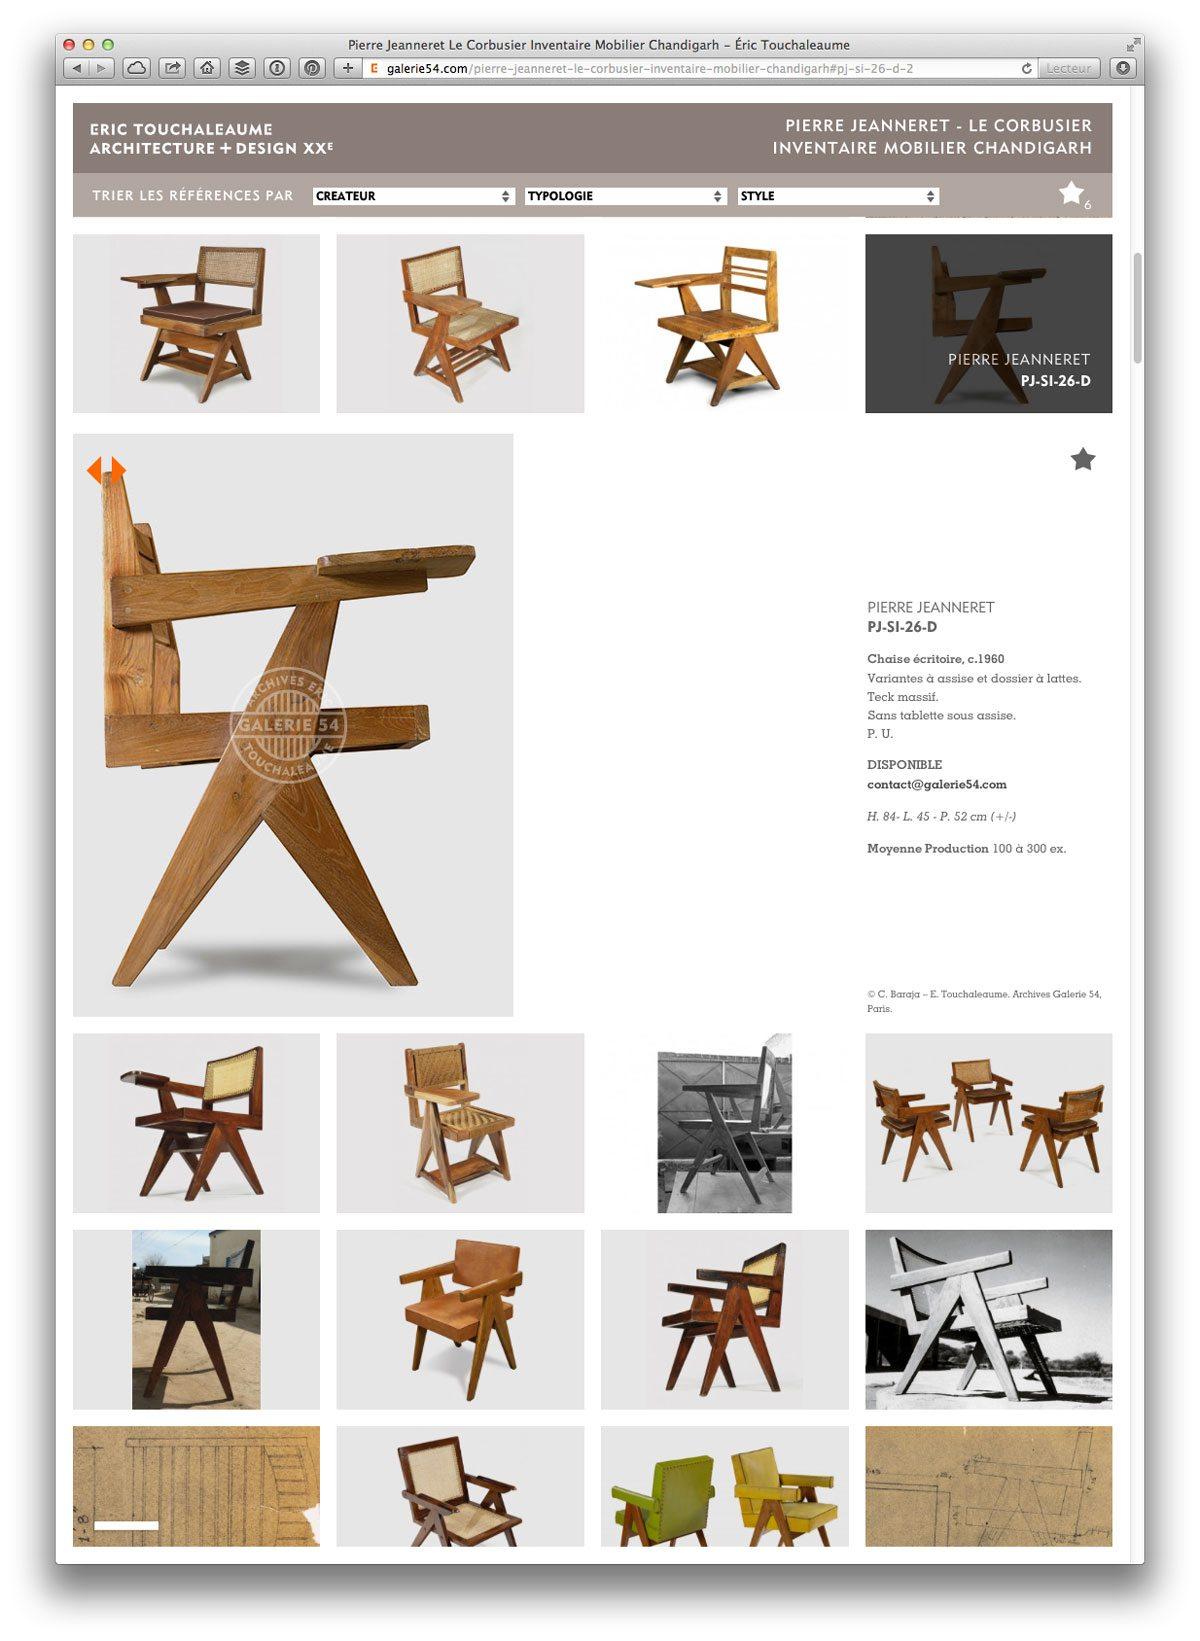 site galerie 54 rubrique inventaire de chandigarh fiche chaise de pierre jeanneret